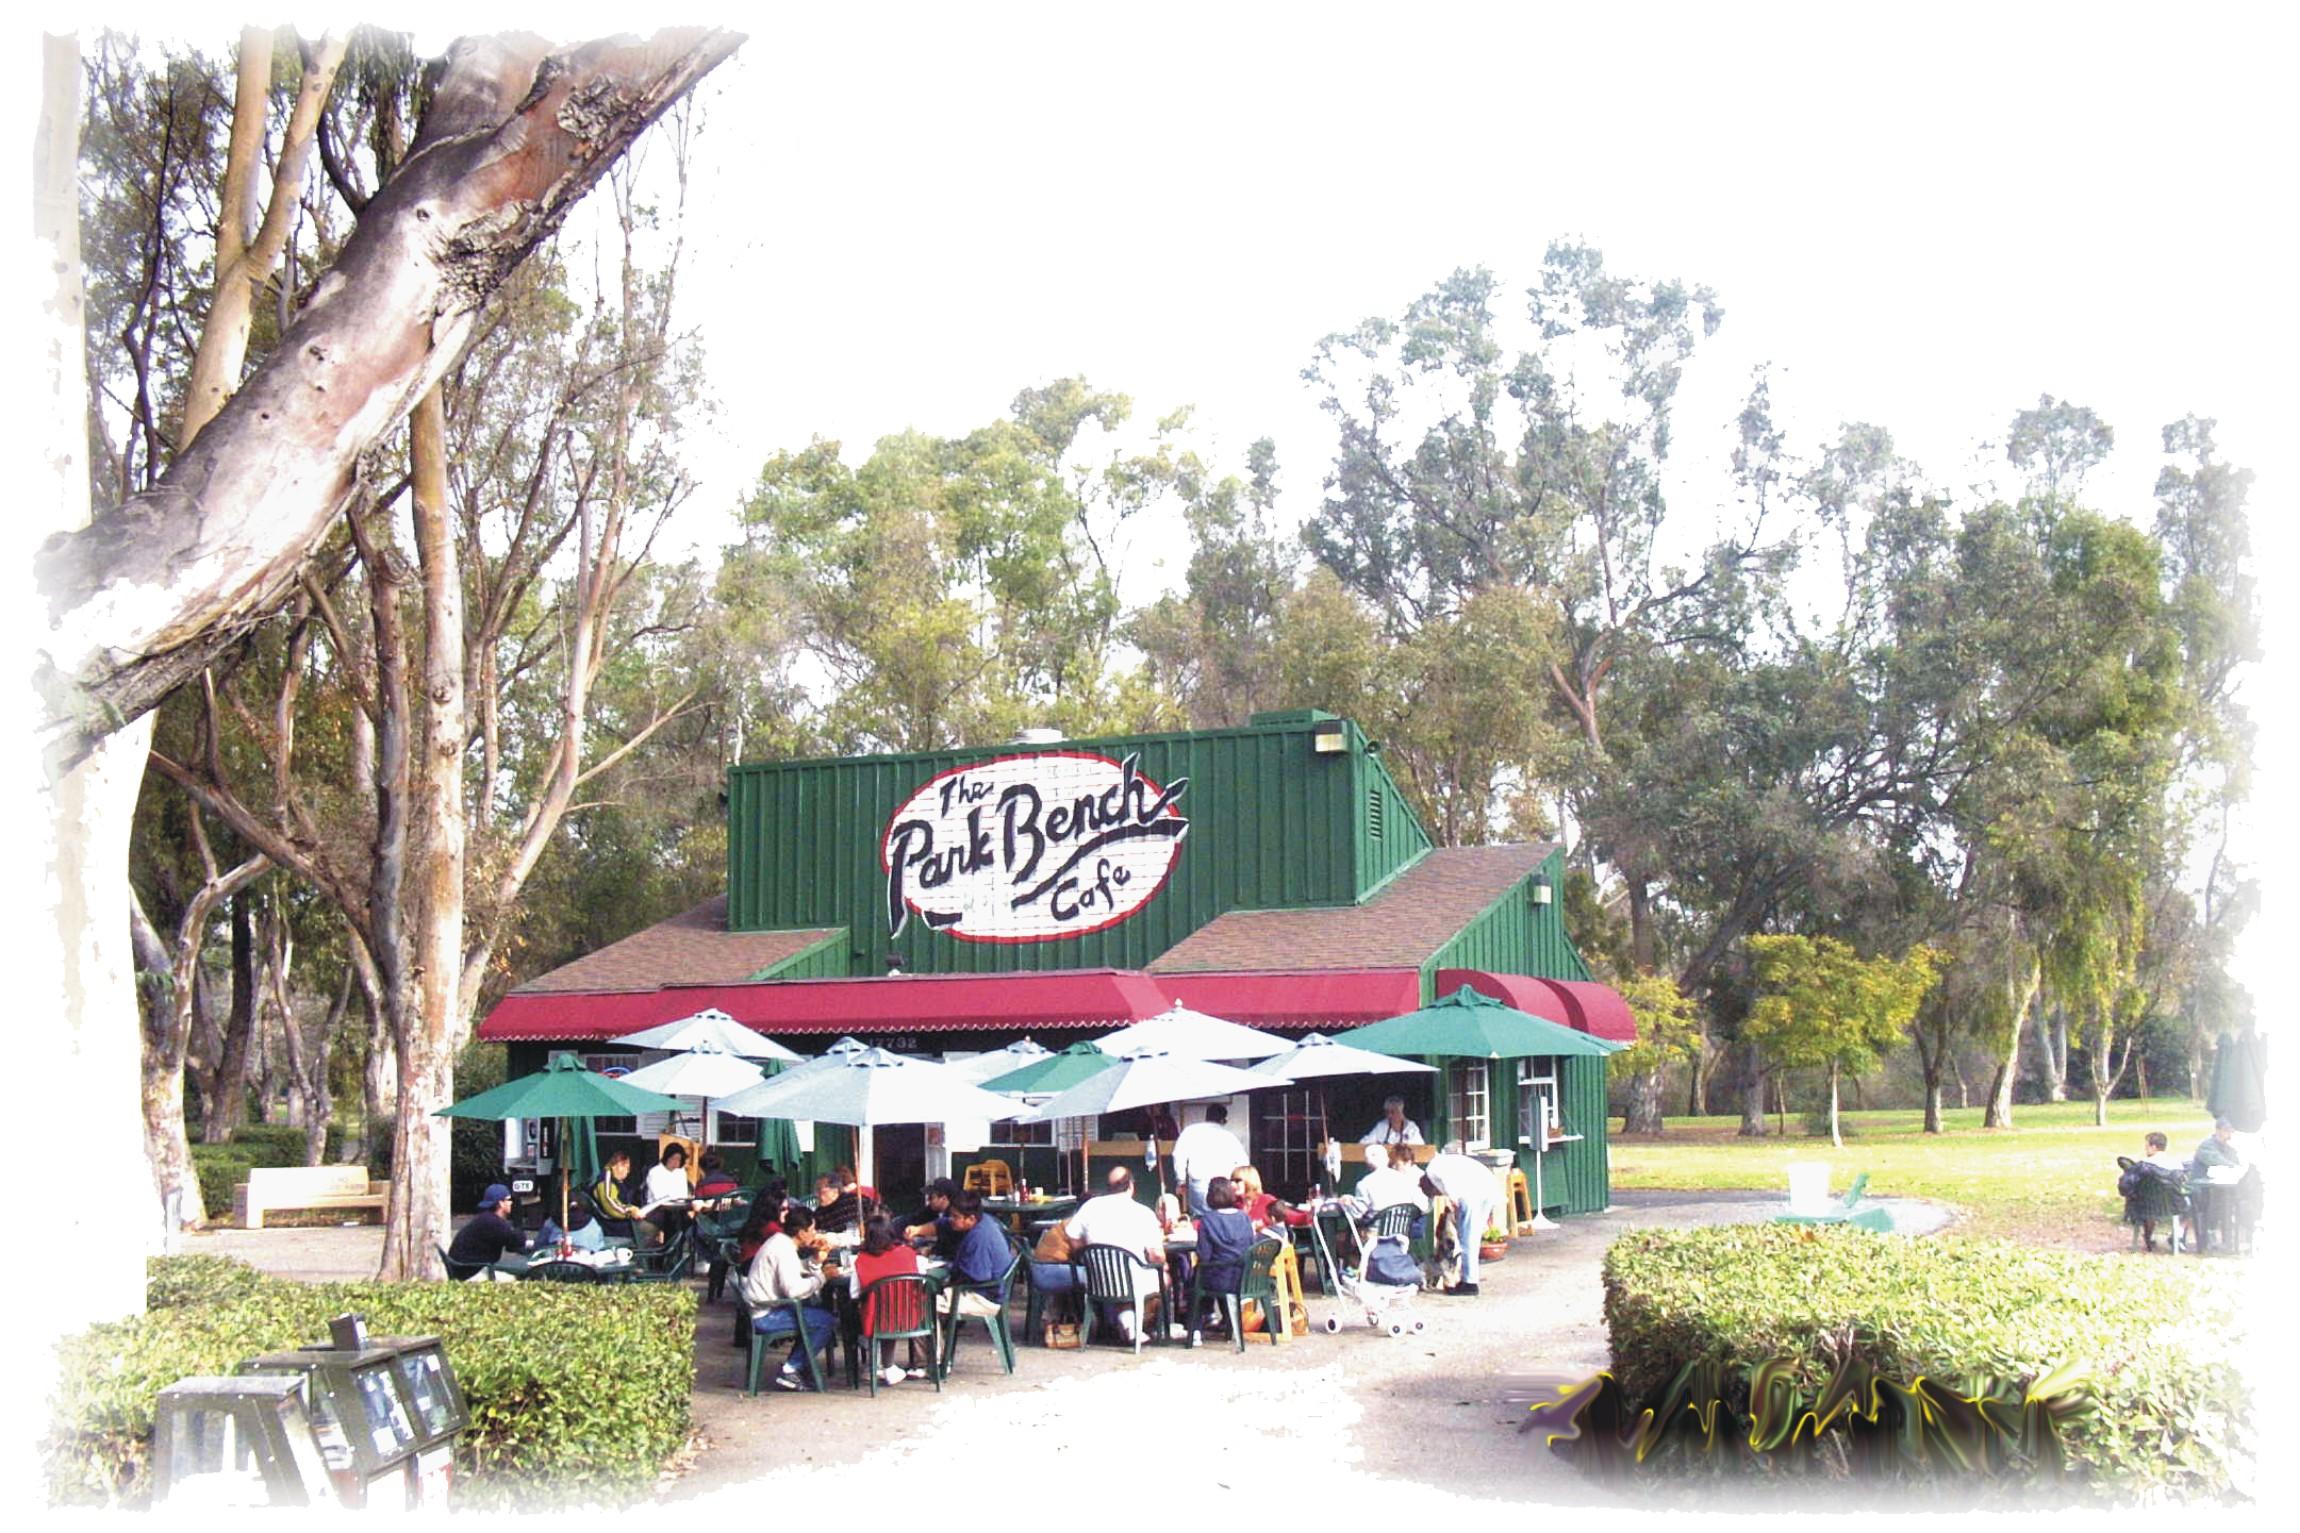 Park Bench Cafe Huntington Beach Central Park